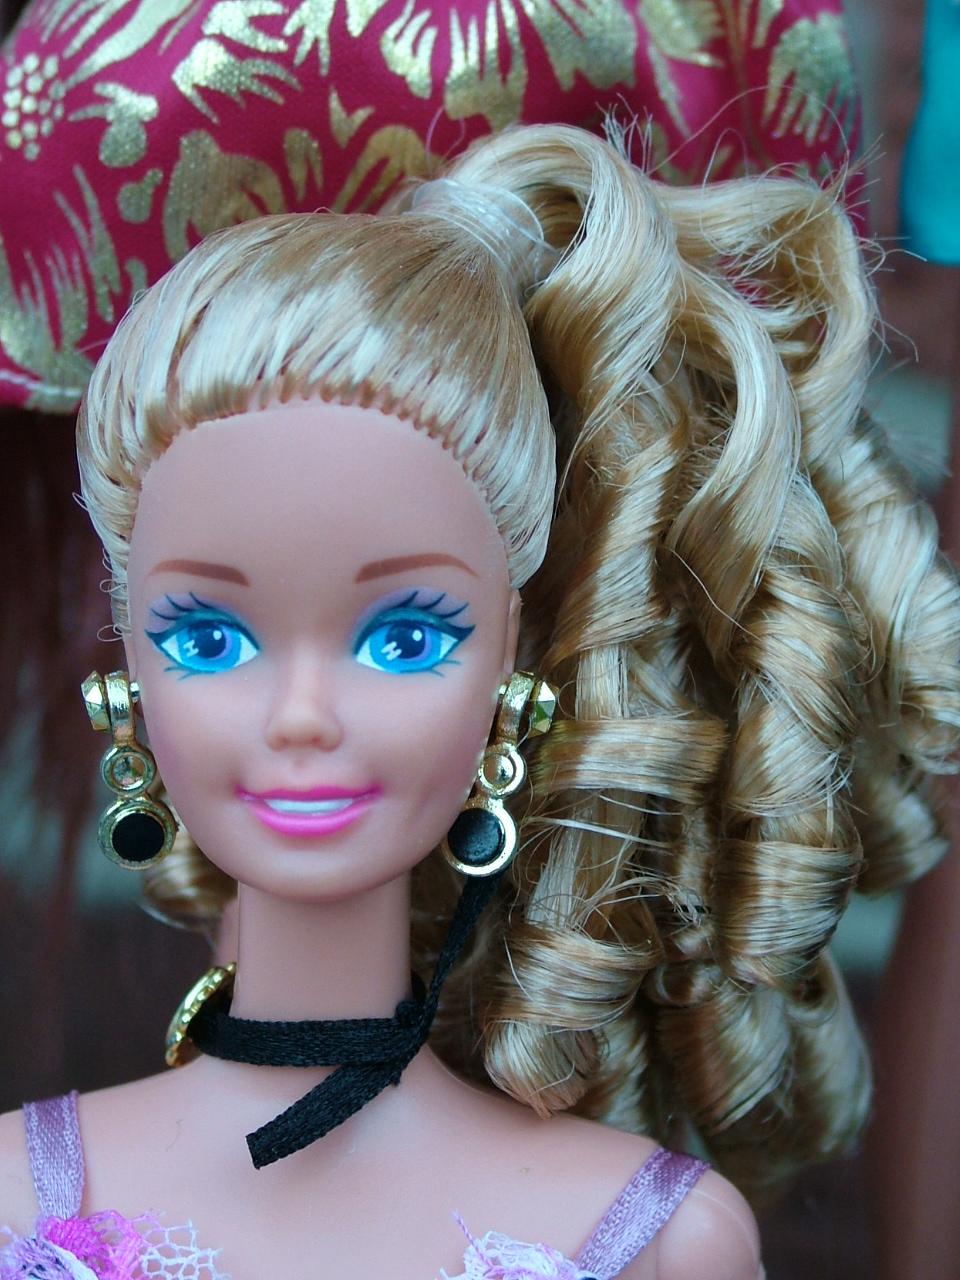 Barbie reroot   My Little Customs